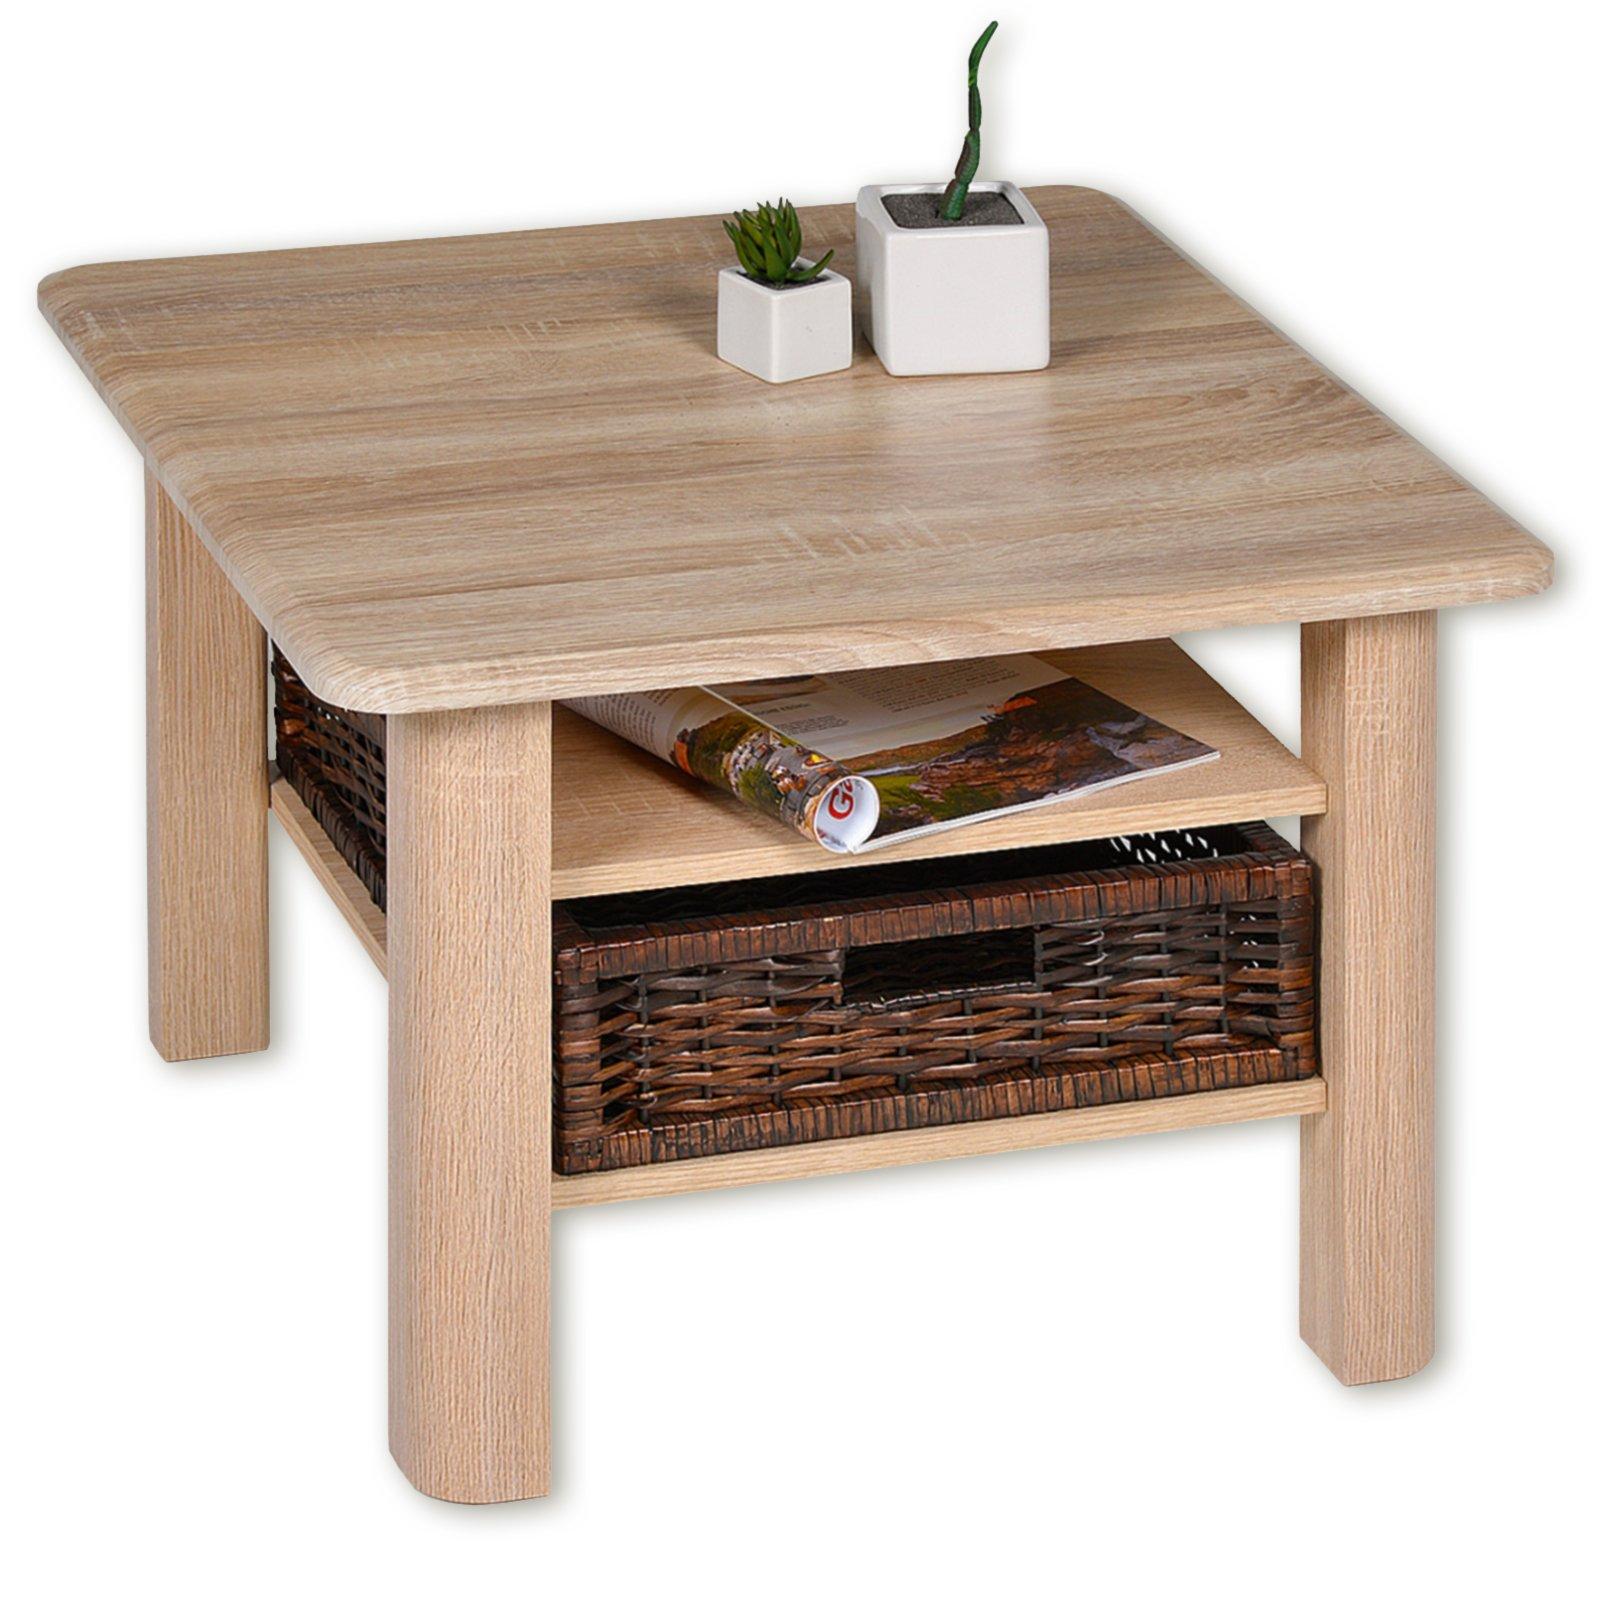 roller couchtisch memphis sonoma eiche mit flechtkorb. Black Bedroom Furniture Sets. Home Design Ideas